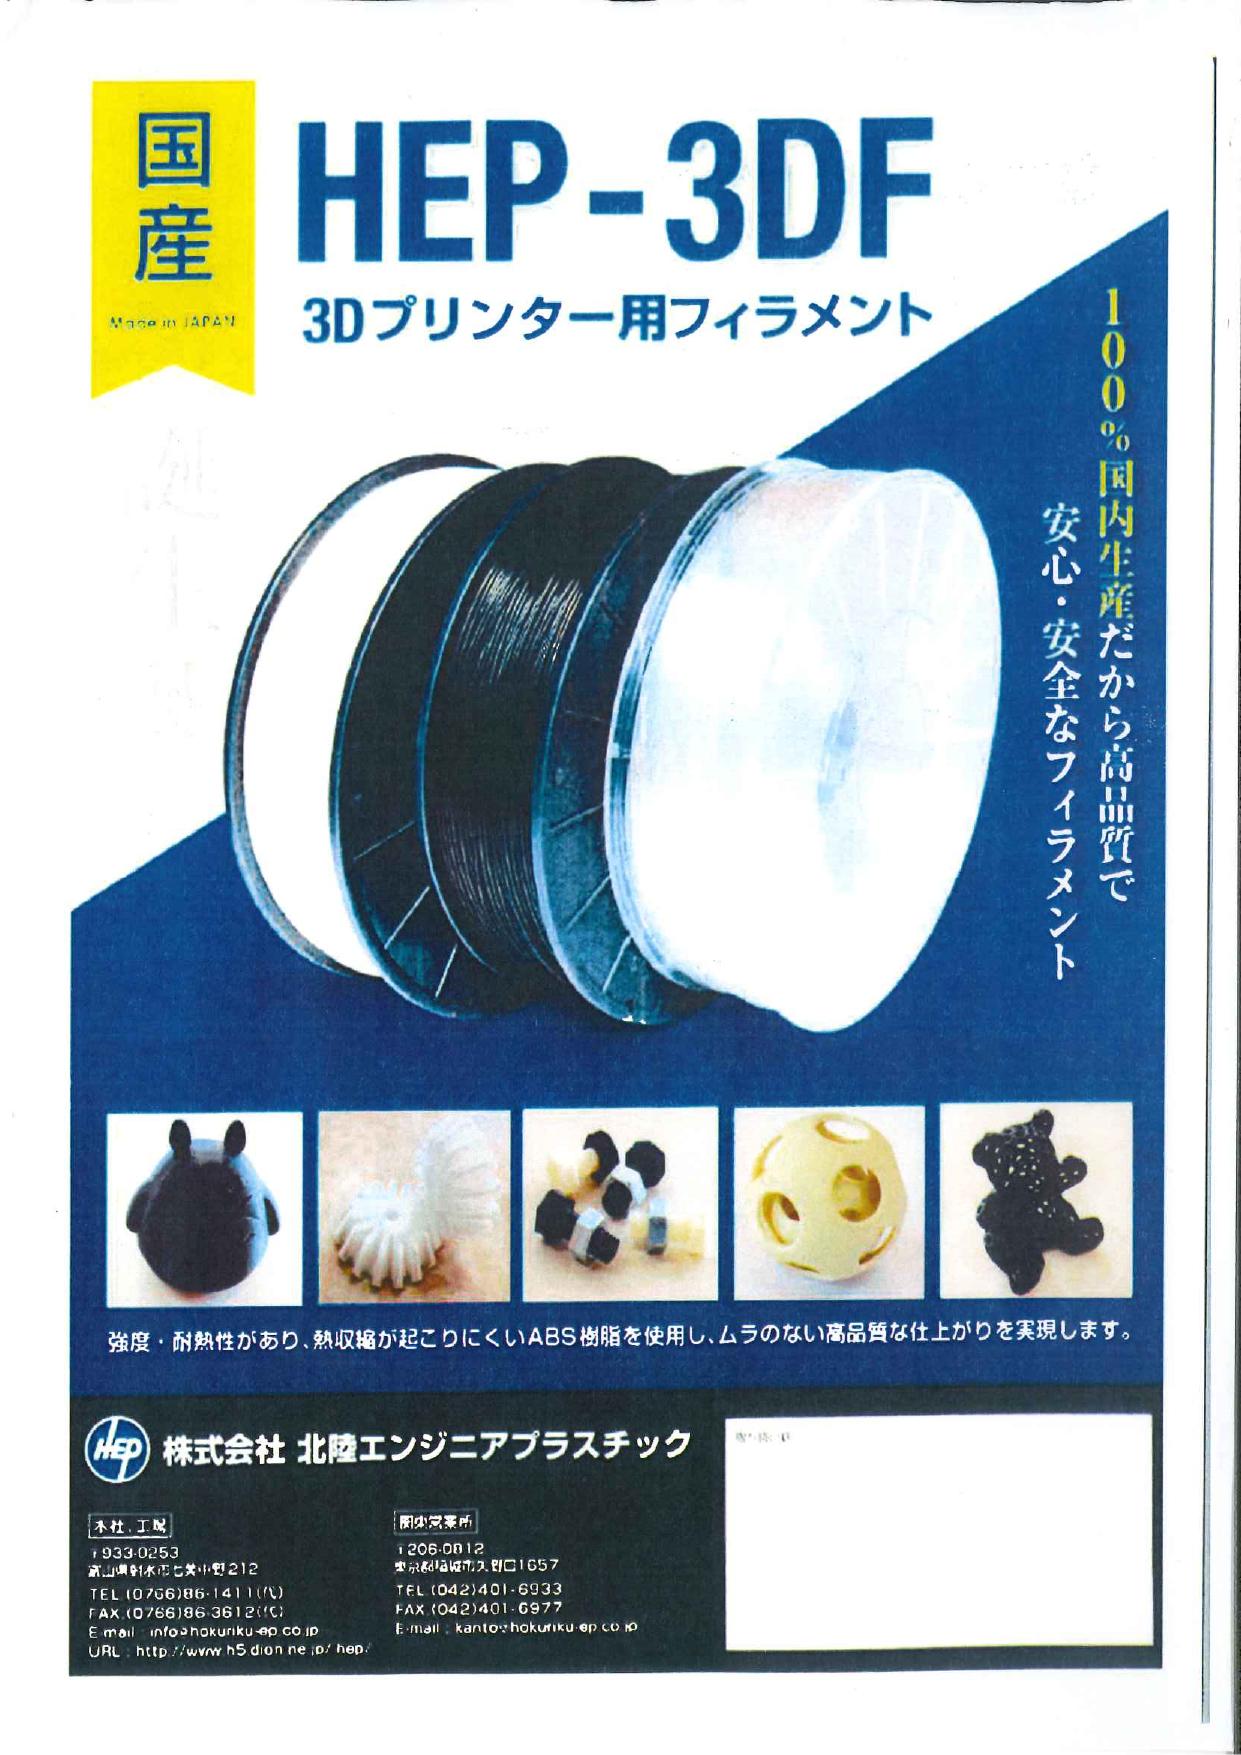 3Dプリンター用フィラメント HEP-3DF